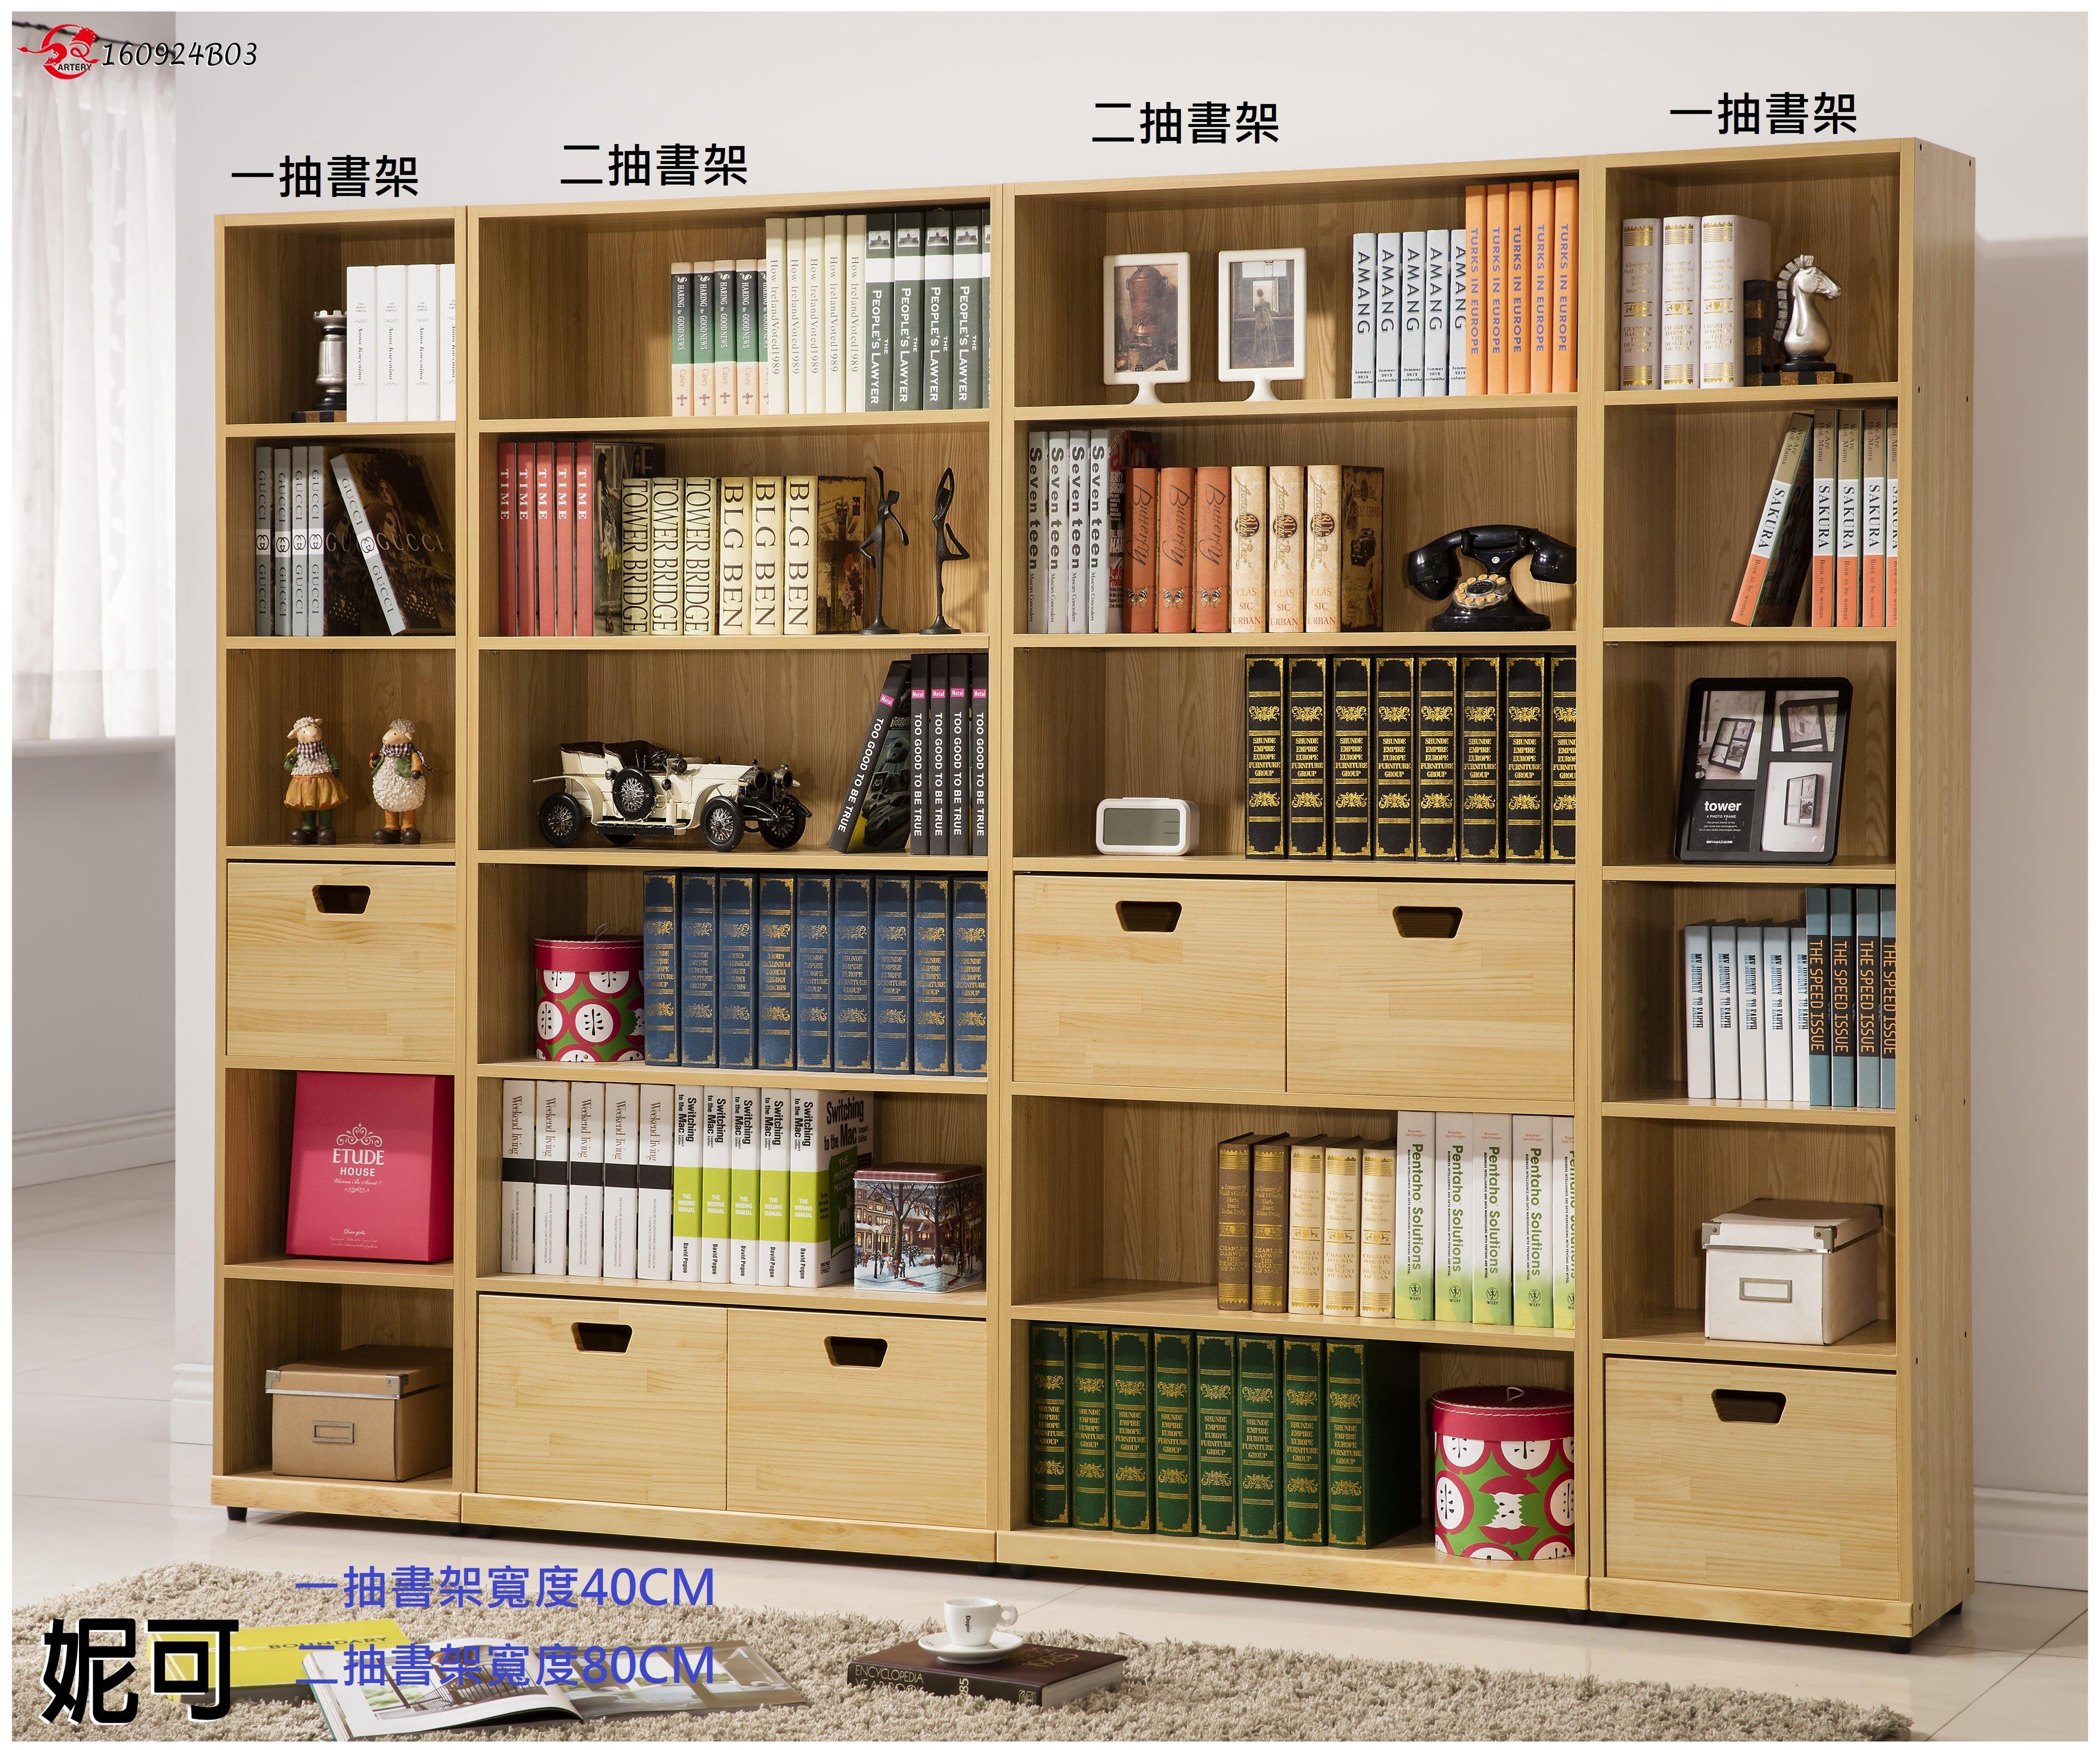 【全台家具批發網】AL 妮可系列 實木 二抽書架 台灣製造 傢俱工廠特賣